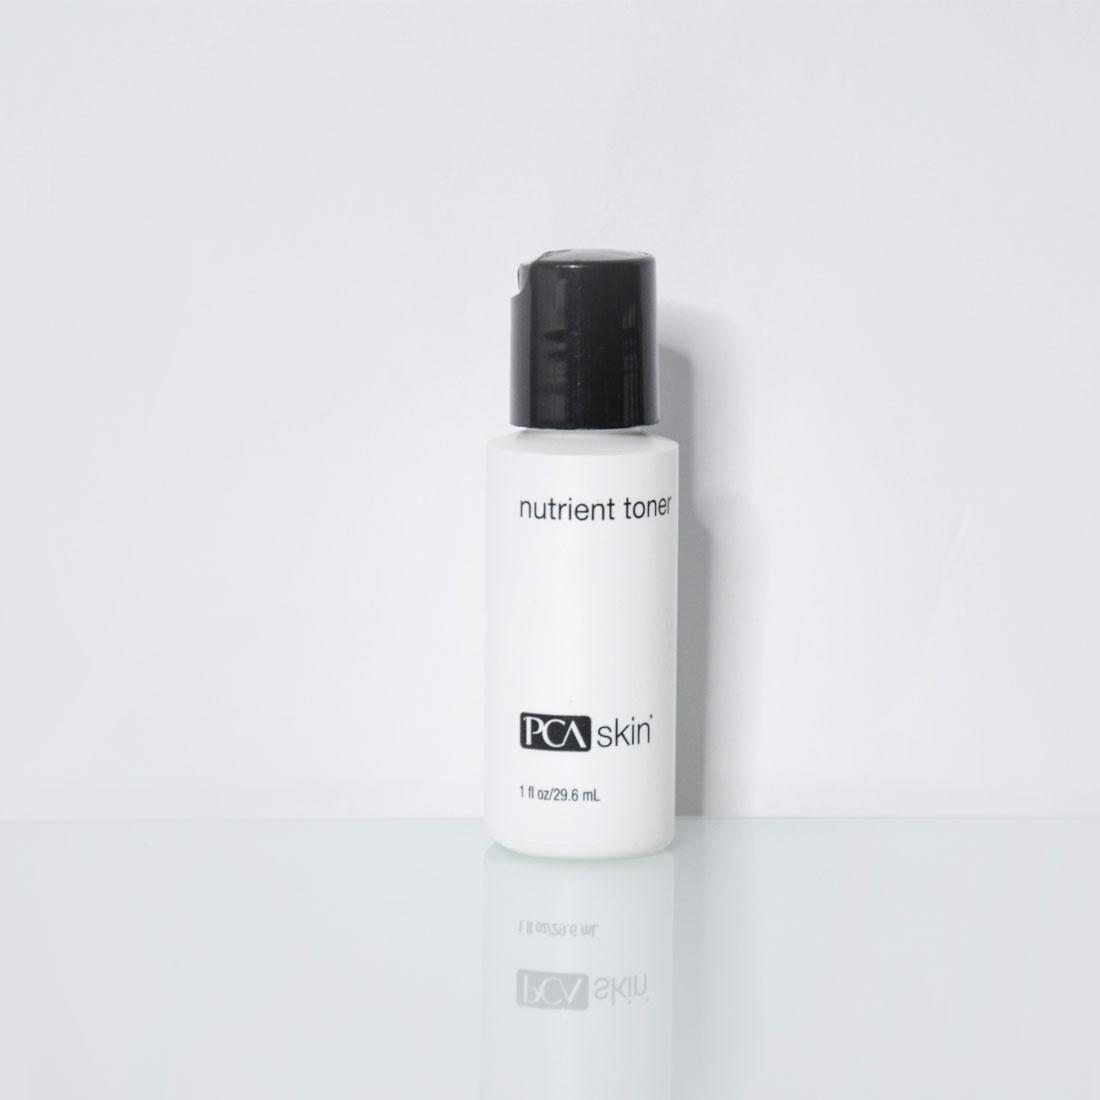 Питательный тоник/Nutrient Toner, PCA Skin, 29,5 мл. все цены